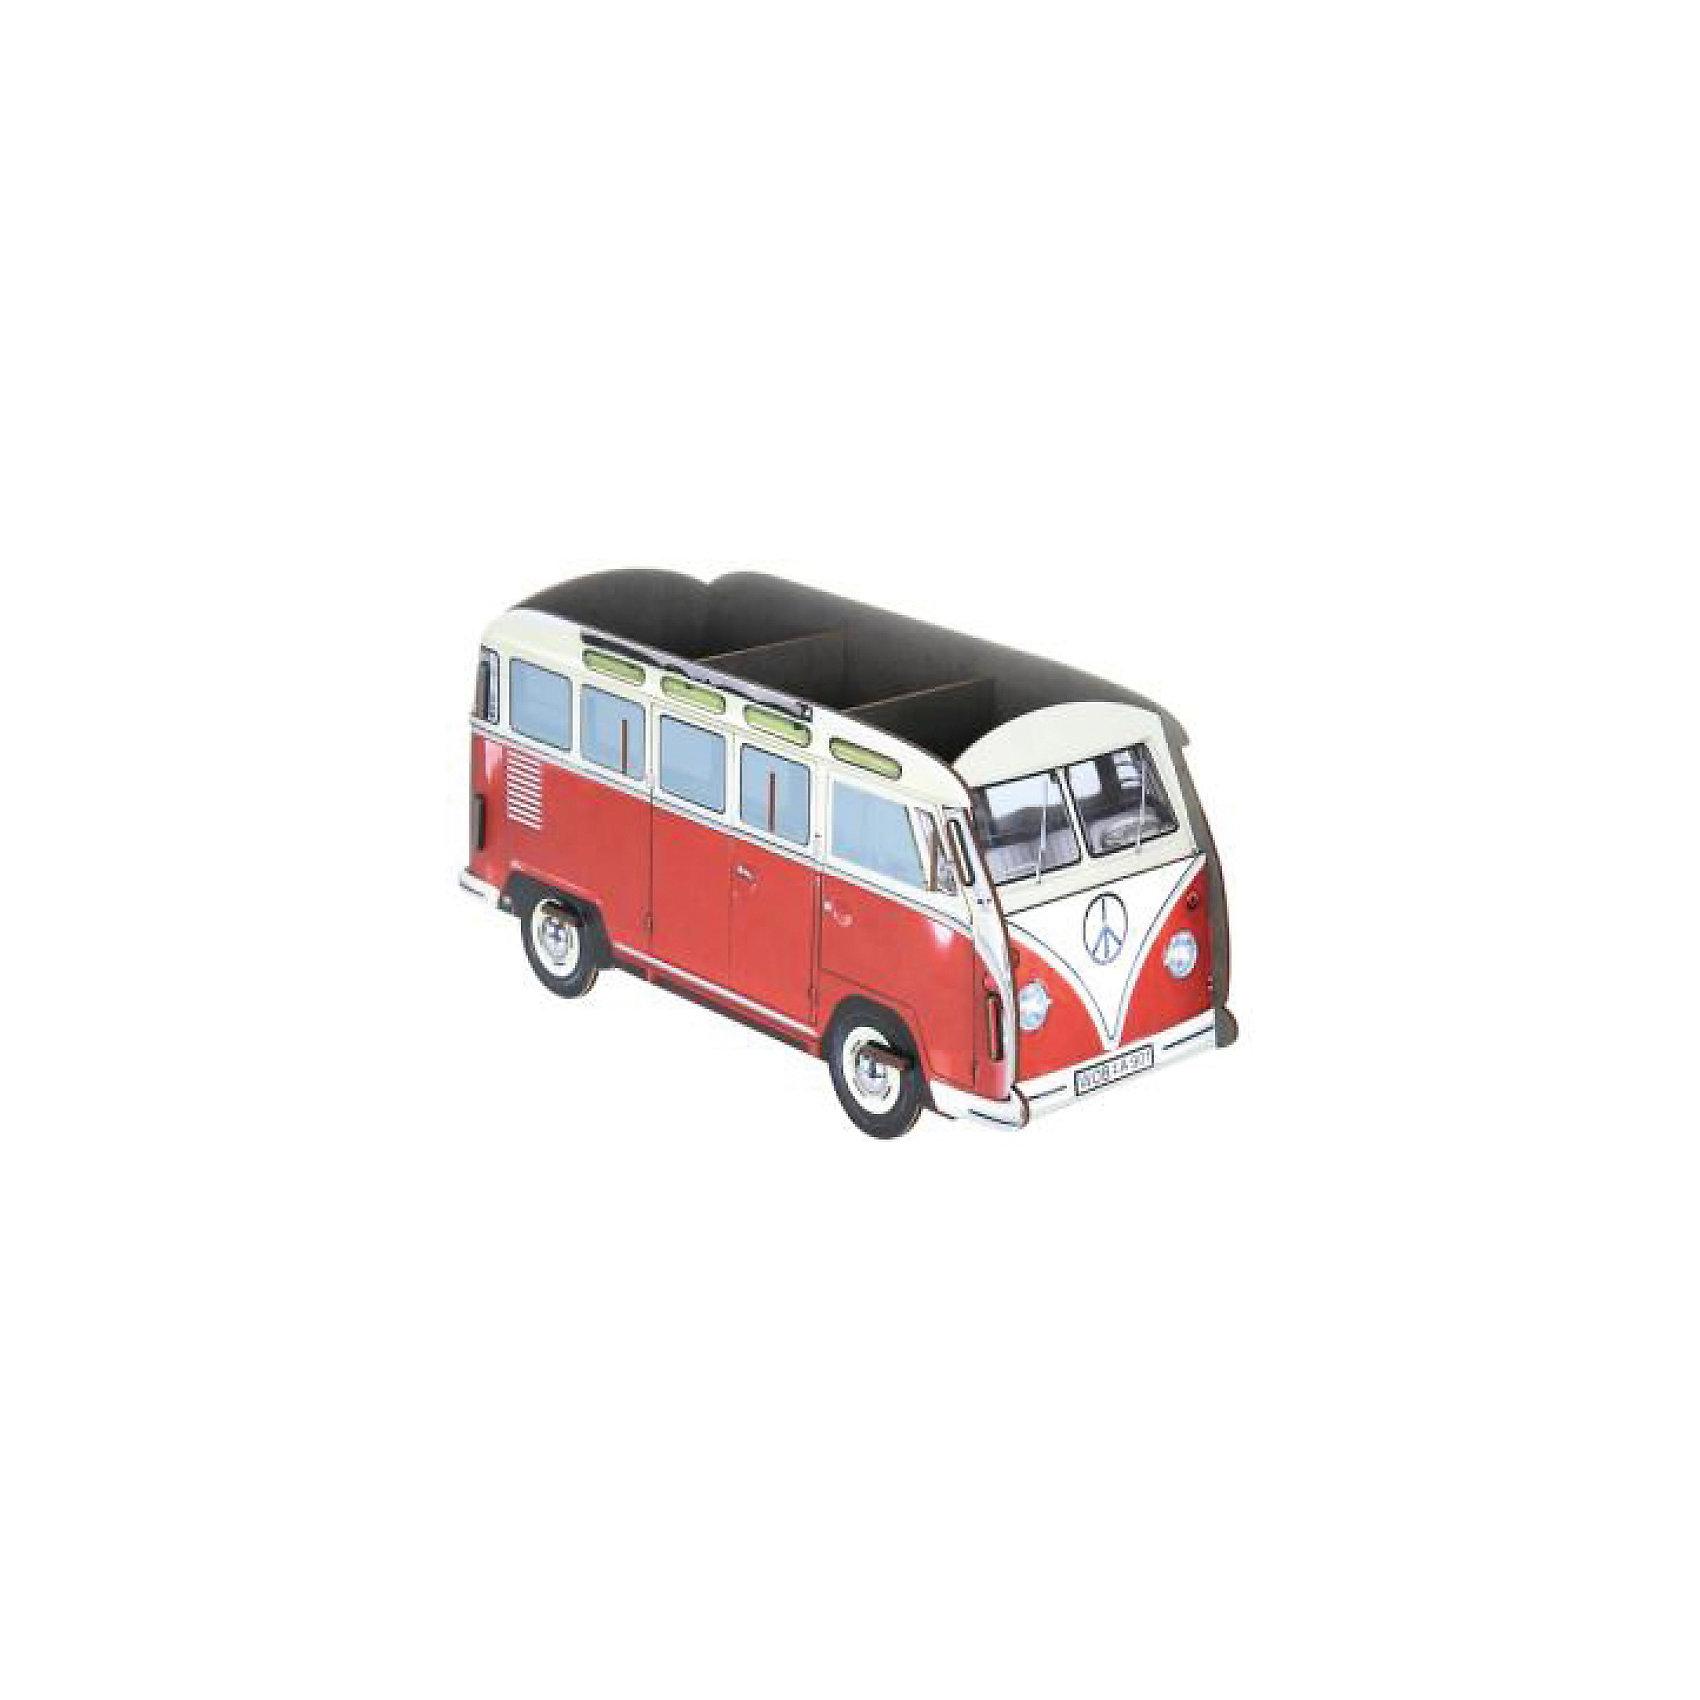 Органайзер на стол Оld bus, HomsuПредметы интерьера<br>Настольный органайзер в виде автобуса – это не только способ хранения косметики и других принадлежностей, но и настоящее украшение интерьера. Органайзер имеет необычный дизайн и множество отделений сверху для хранения предметов ( косметики или канцелярии.<br><br>Ширина мм: 95<br>Глубина мм: 225<br>Высота мм: 42<br>Вес г: 500<br>Возраст от месяцев: 216<br>Возраст до месяцев: 1188<br>Пол: Унисекс<br>Возраст: Детский<br>SKU: 5620273